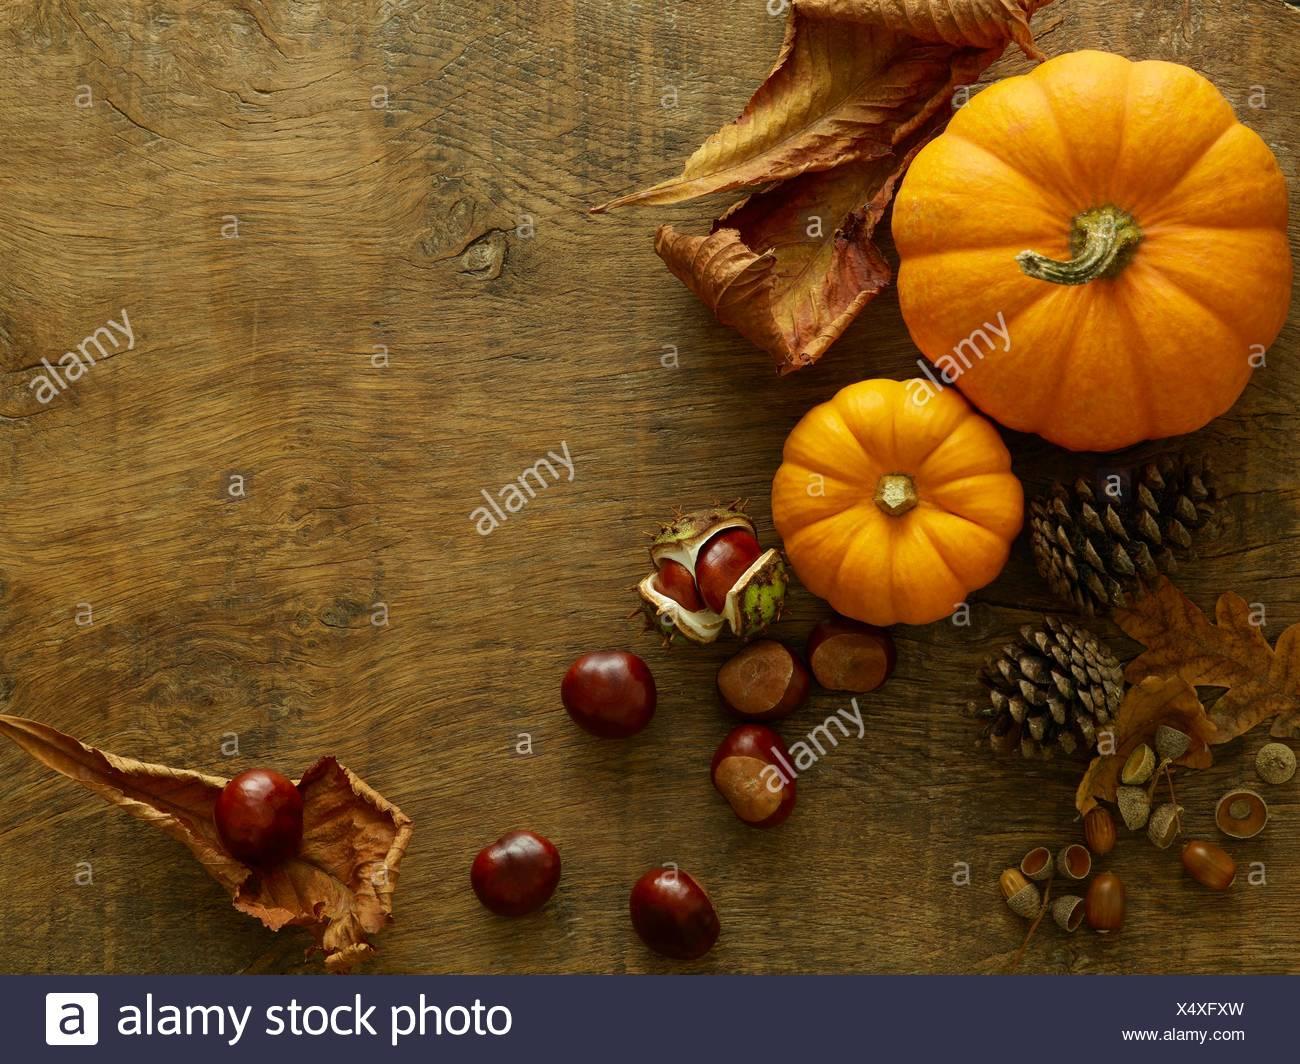 Calabazas, piñas, conkers y hojas de otoño, todavía la vida. Imagen De Stock